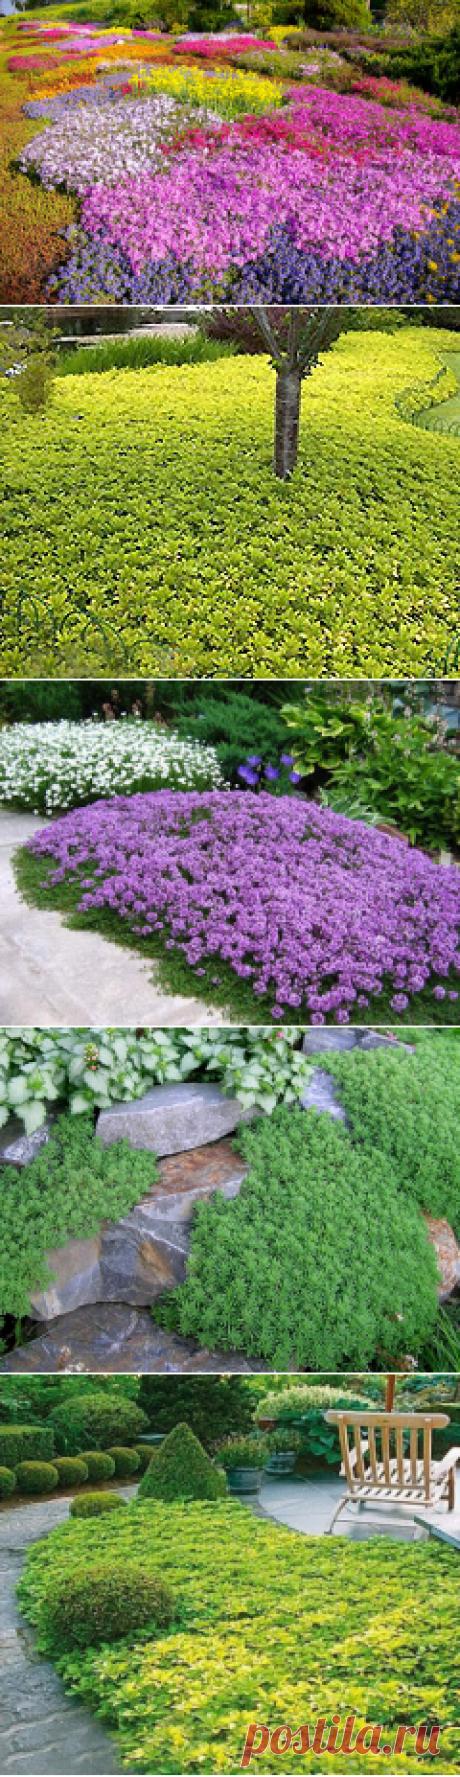 Мастера и умники: Почвопокровные садовые растения. Особенности выращивания и размножения